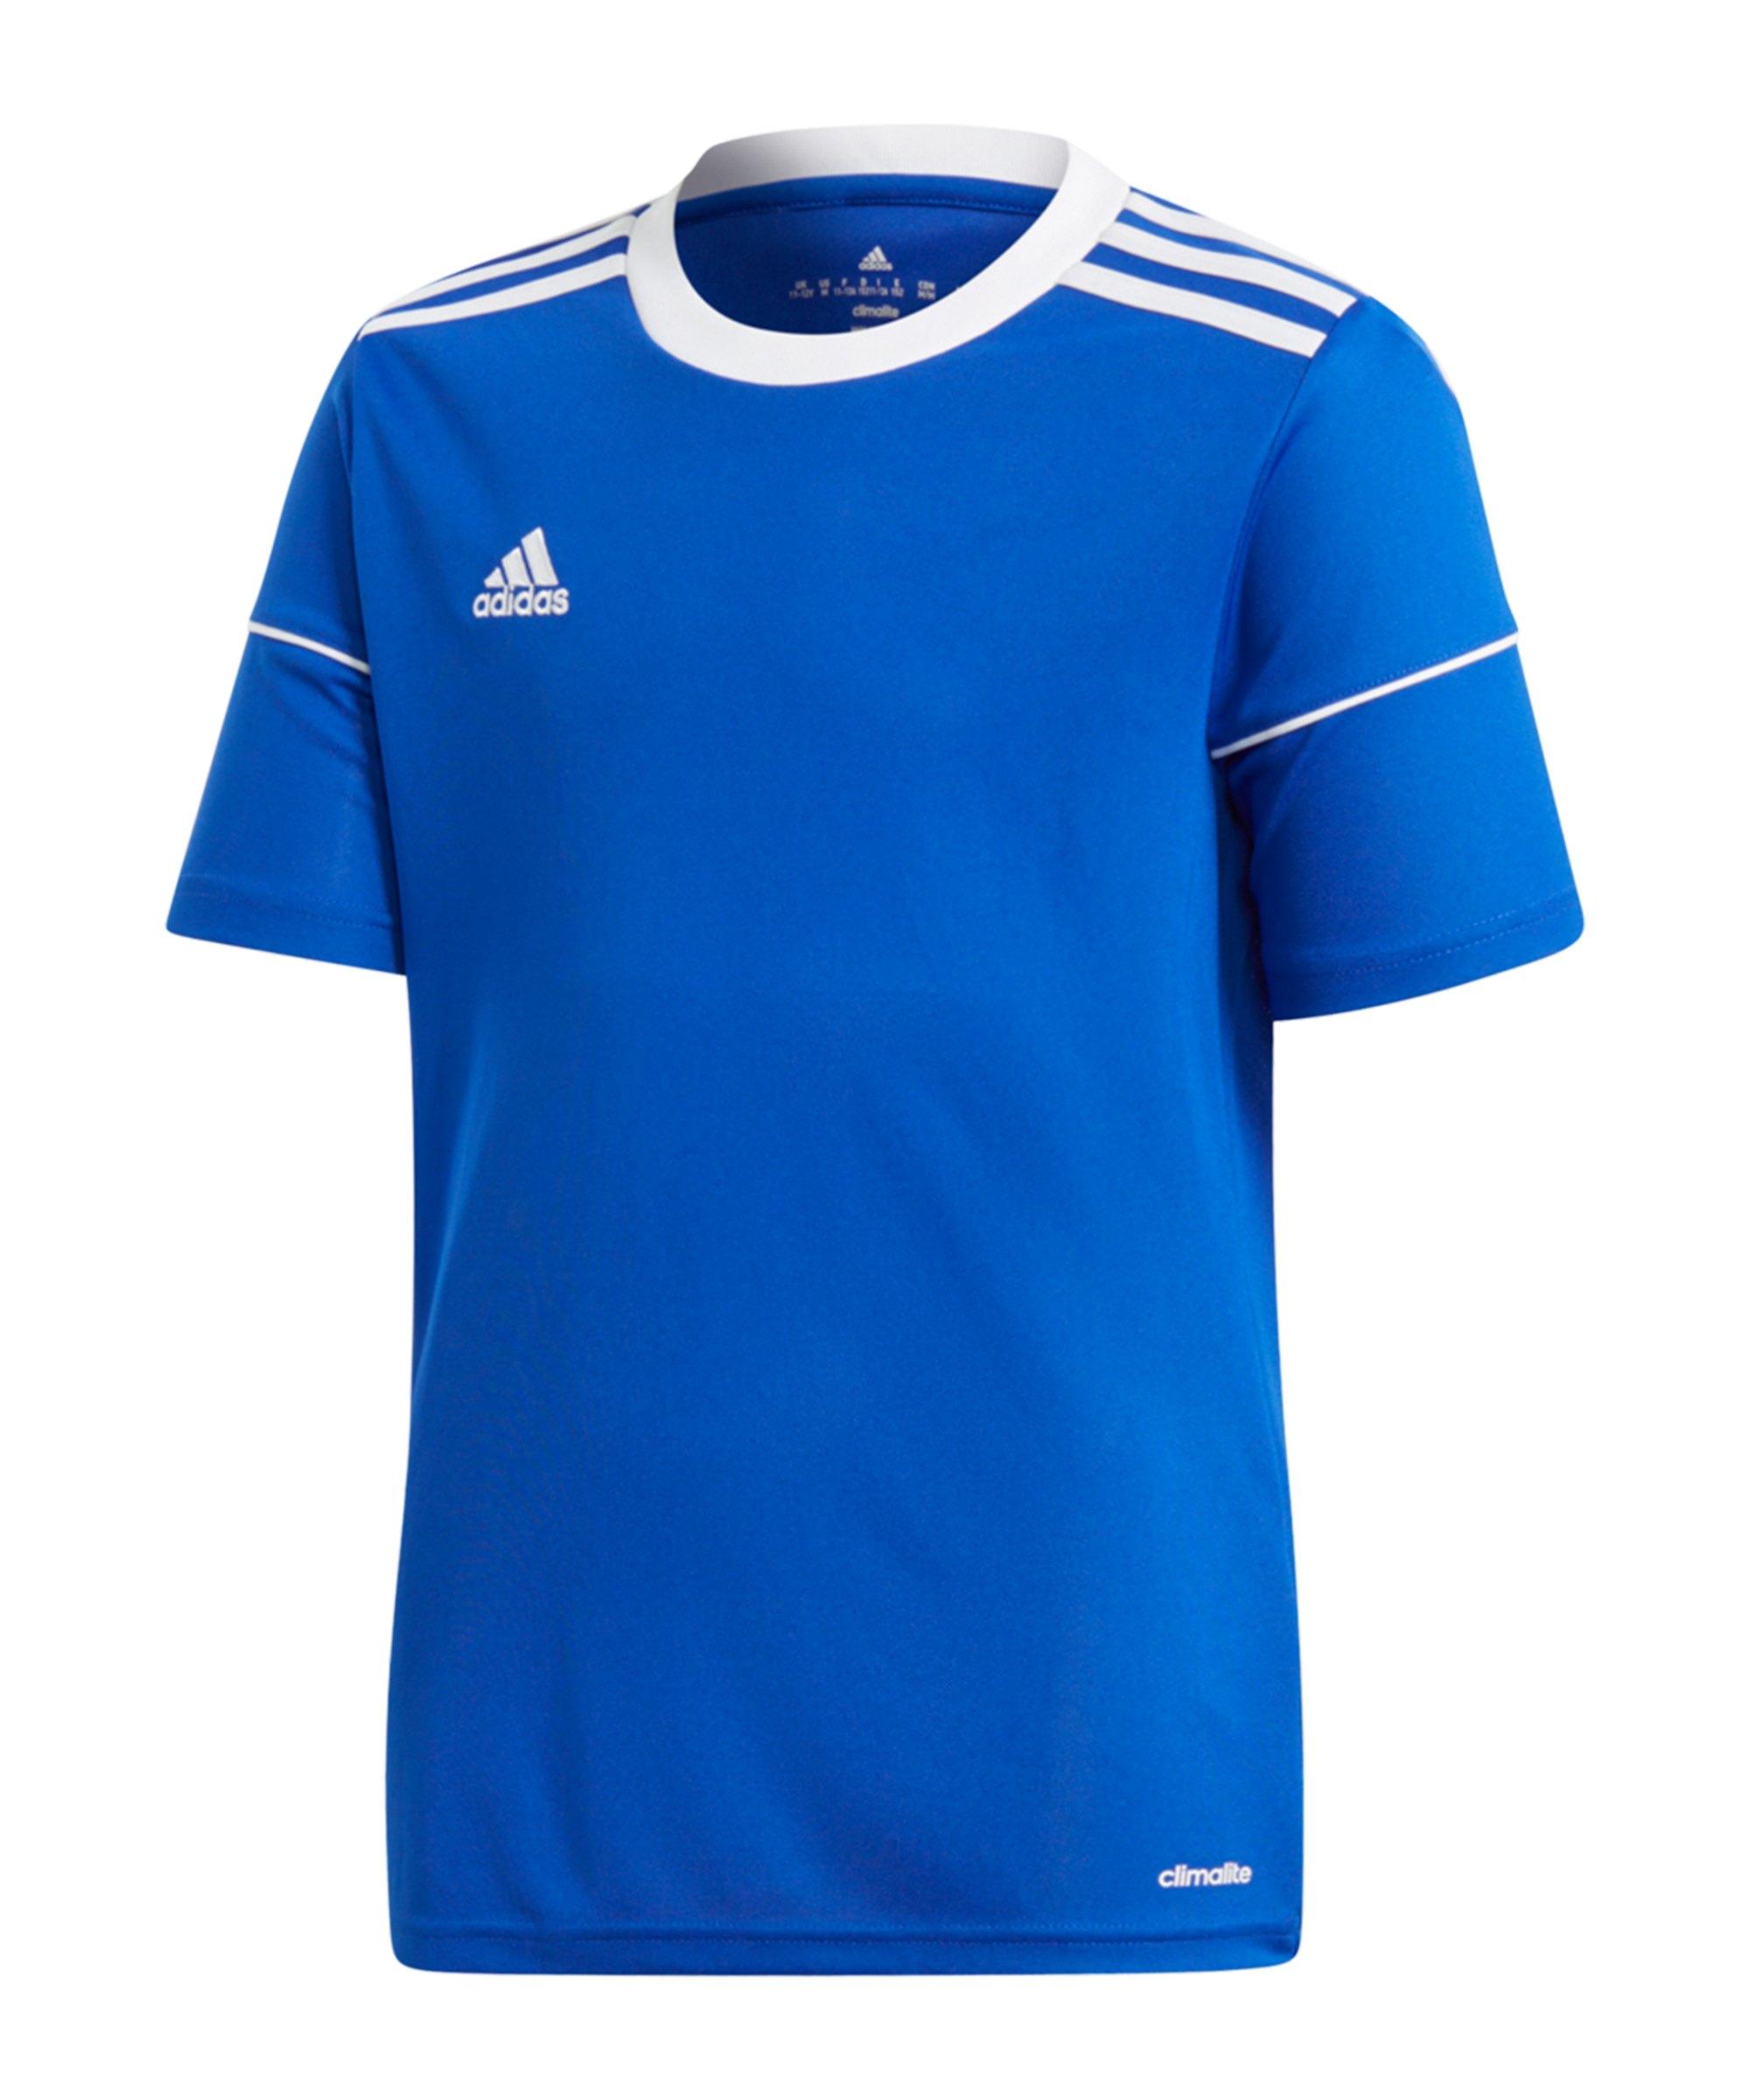 adidas Squad 17 Trikot Kids Blau Weiss - blau